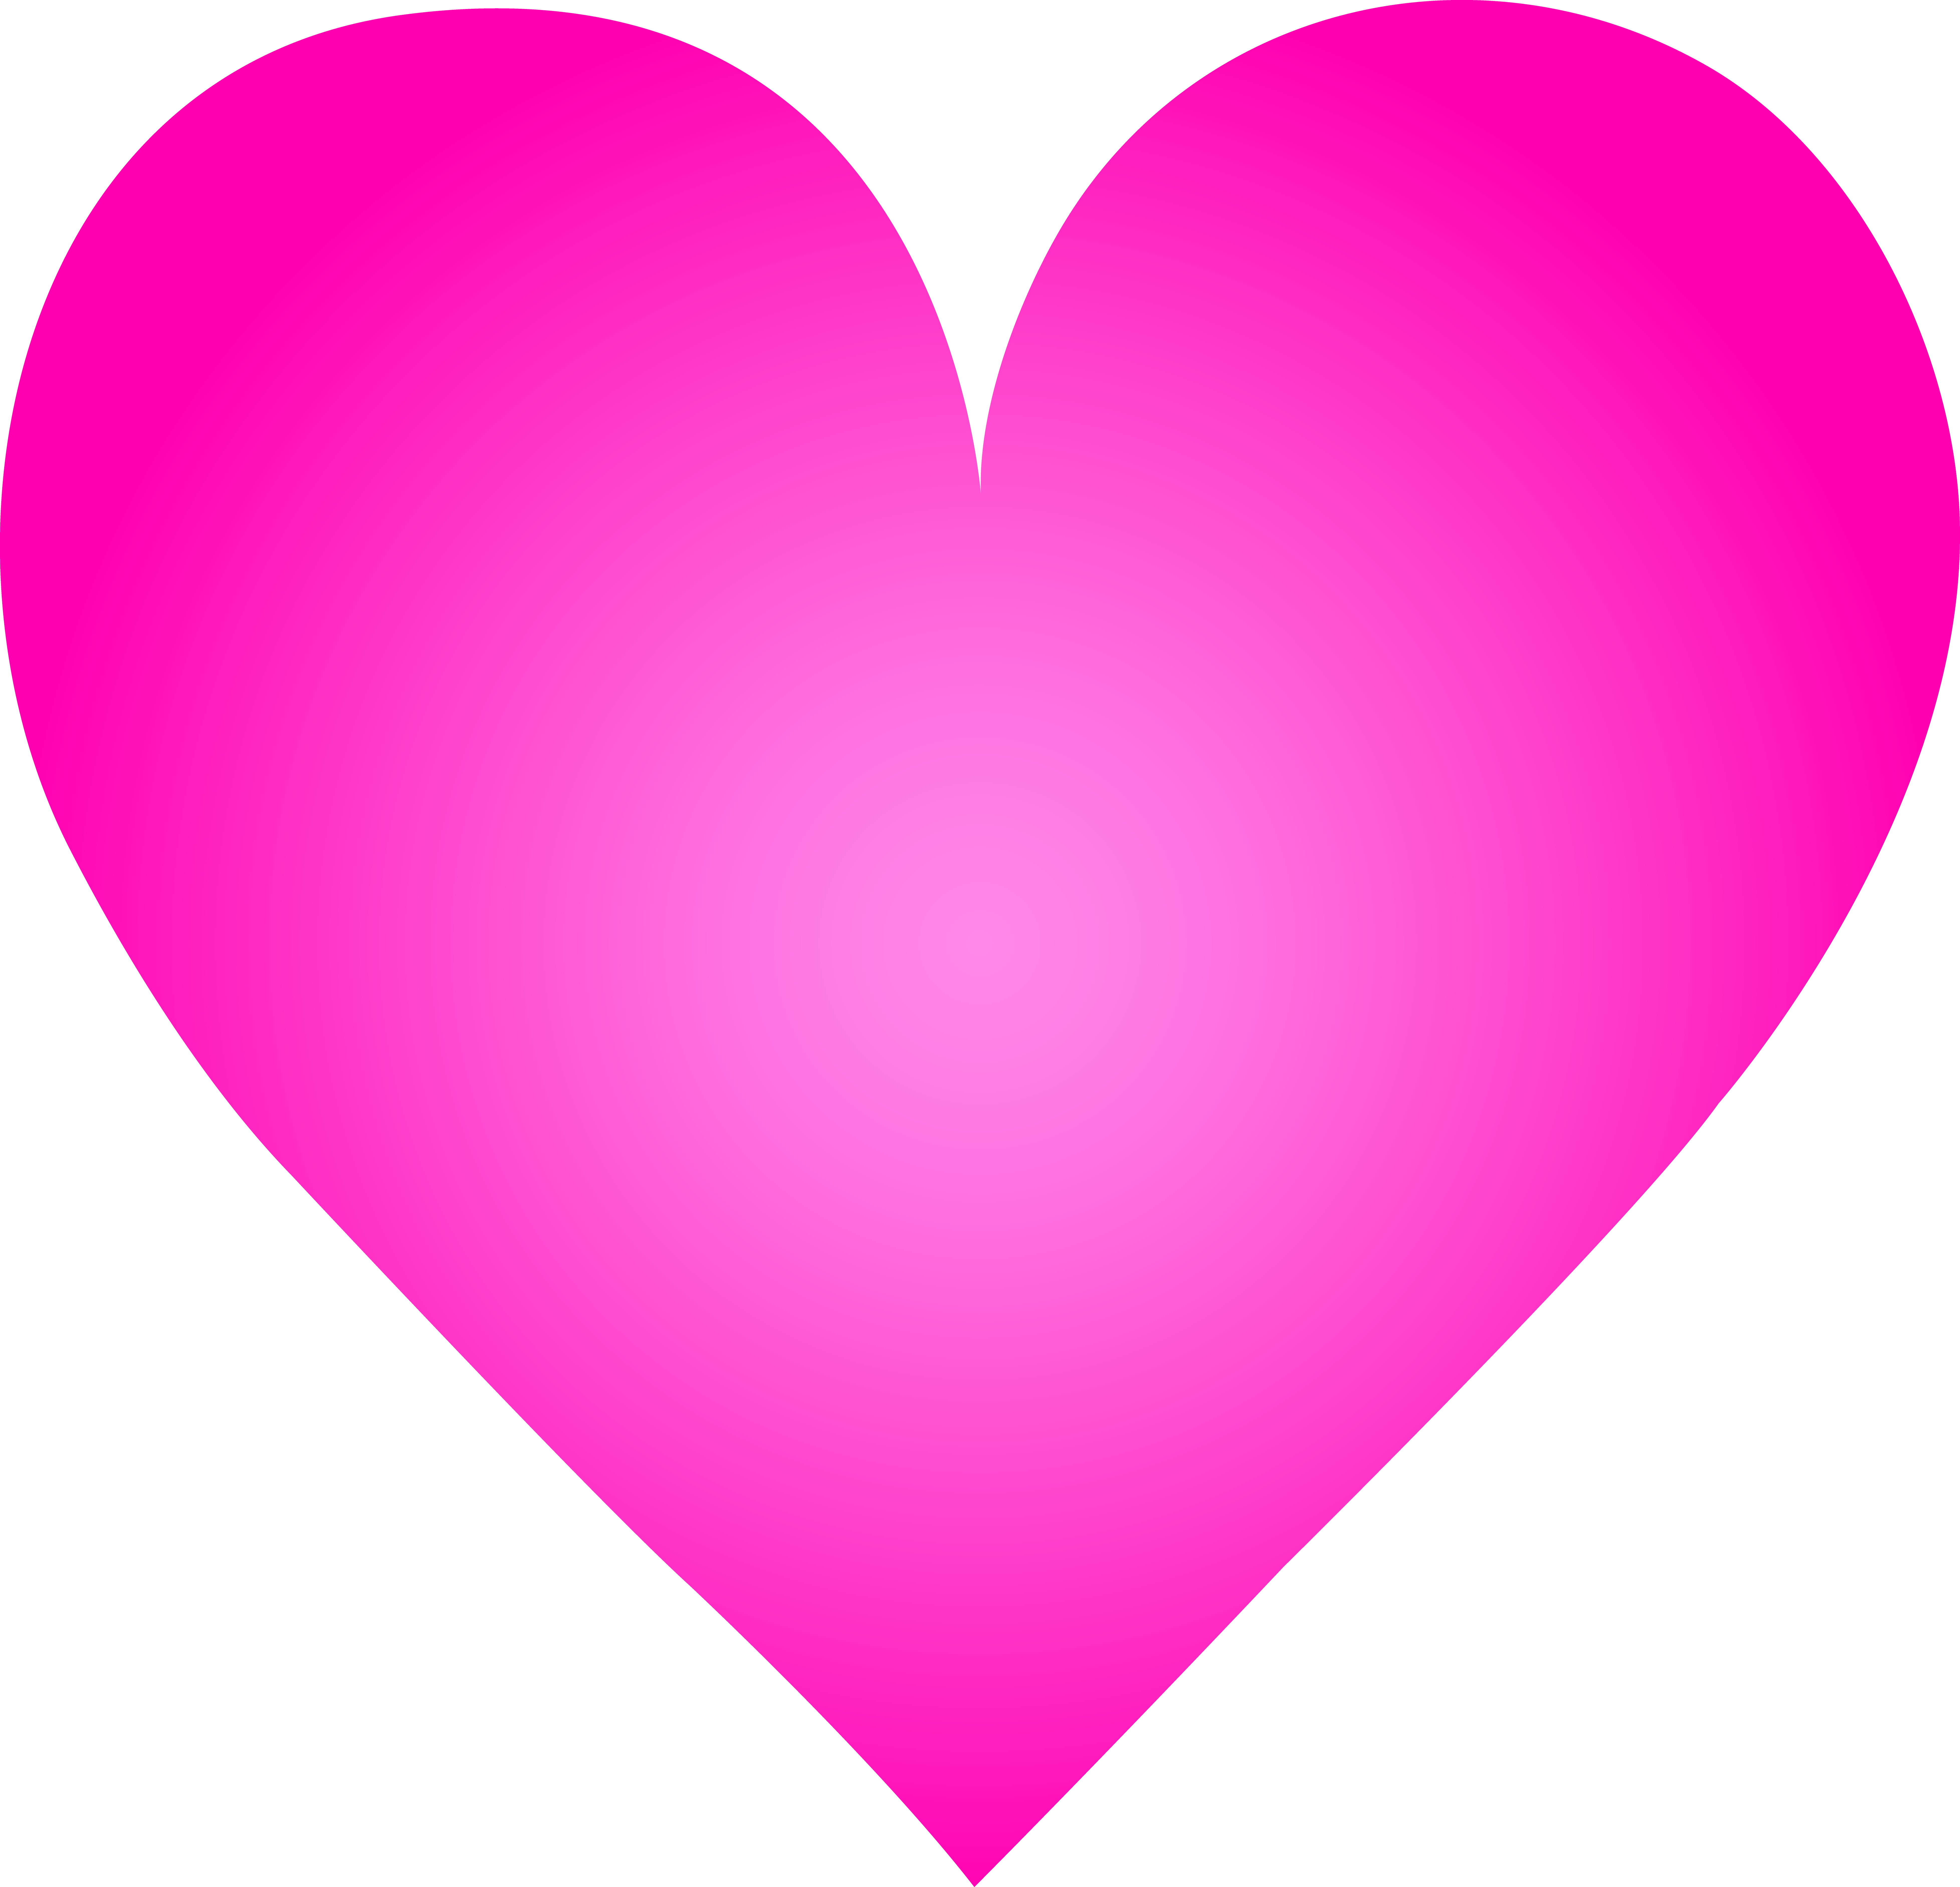 Big Pink Heart Clip Art